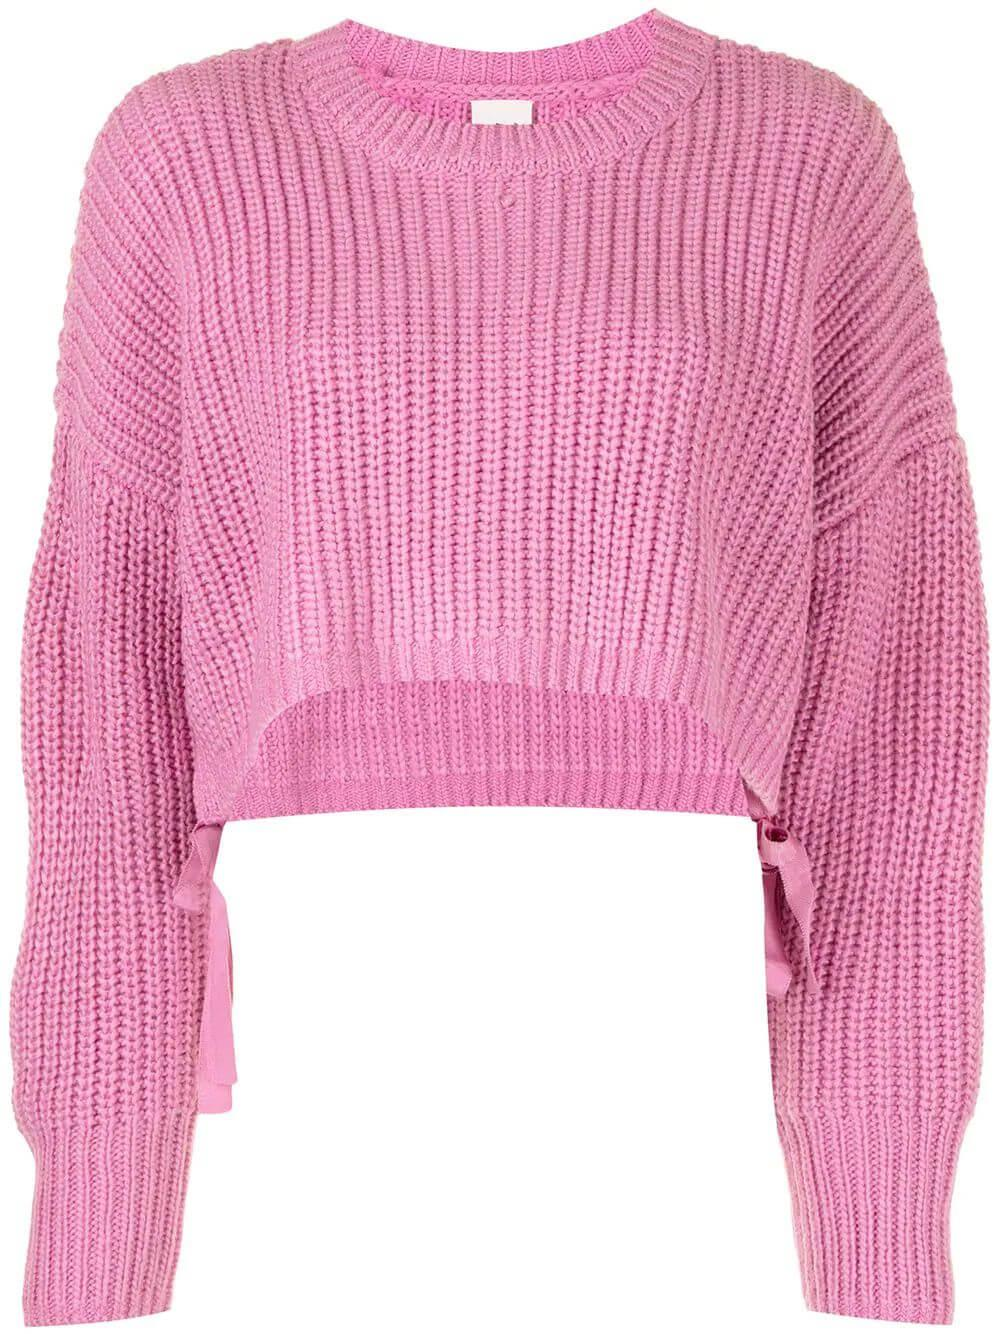 Eddie Sweater Item # ZK5824133Z